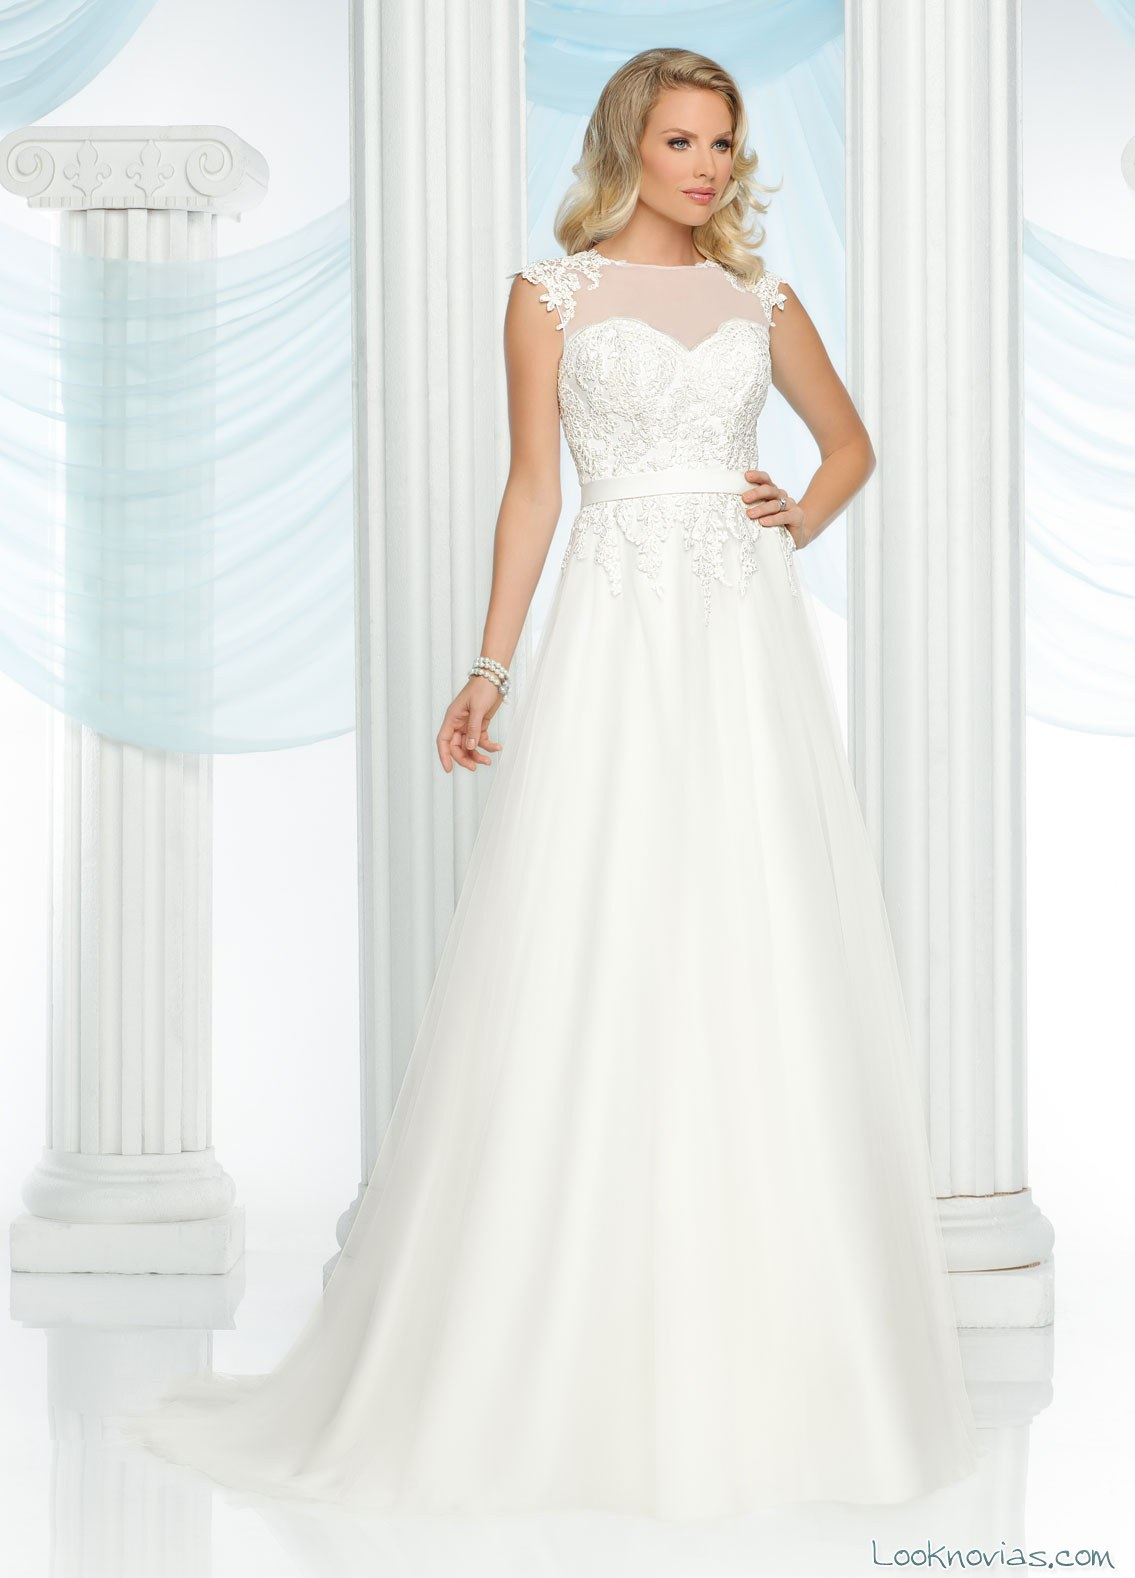 vestido evasé da vinci bridal con escote fantasía